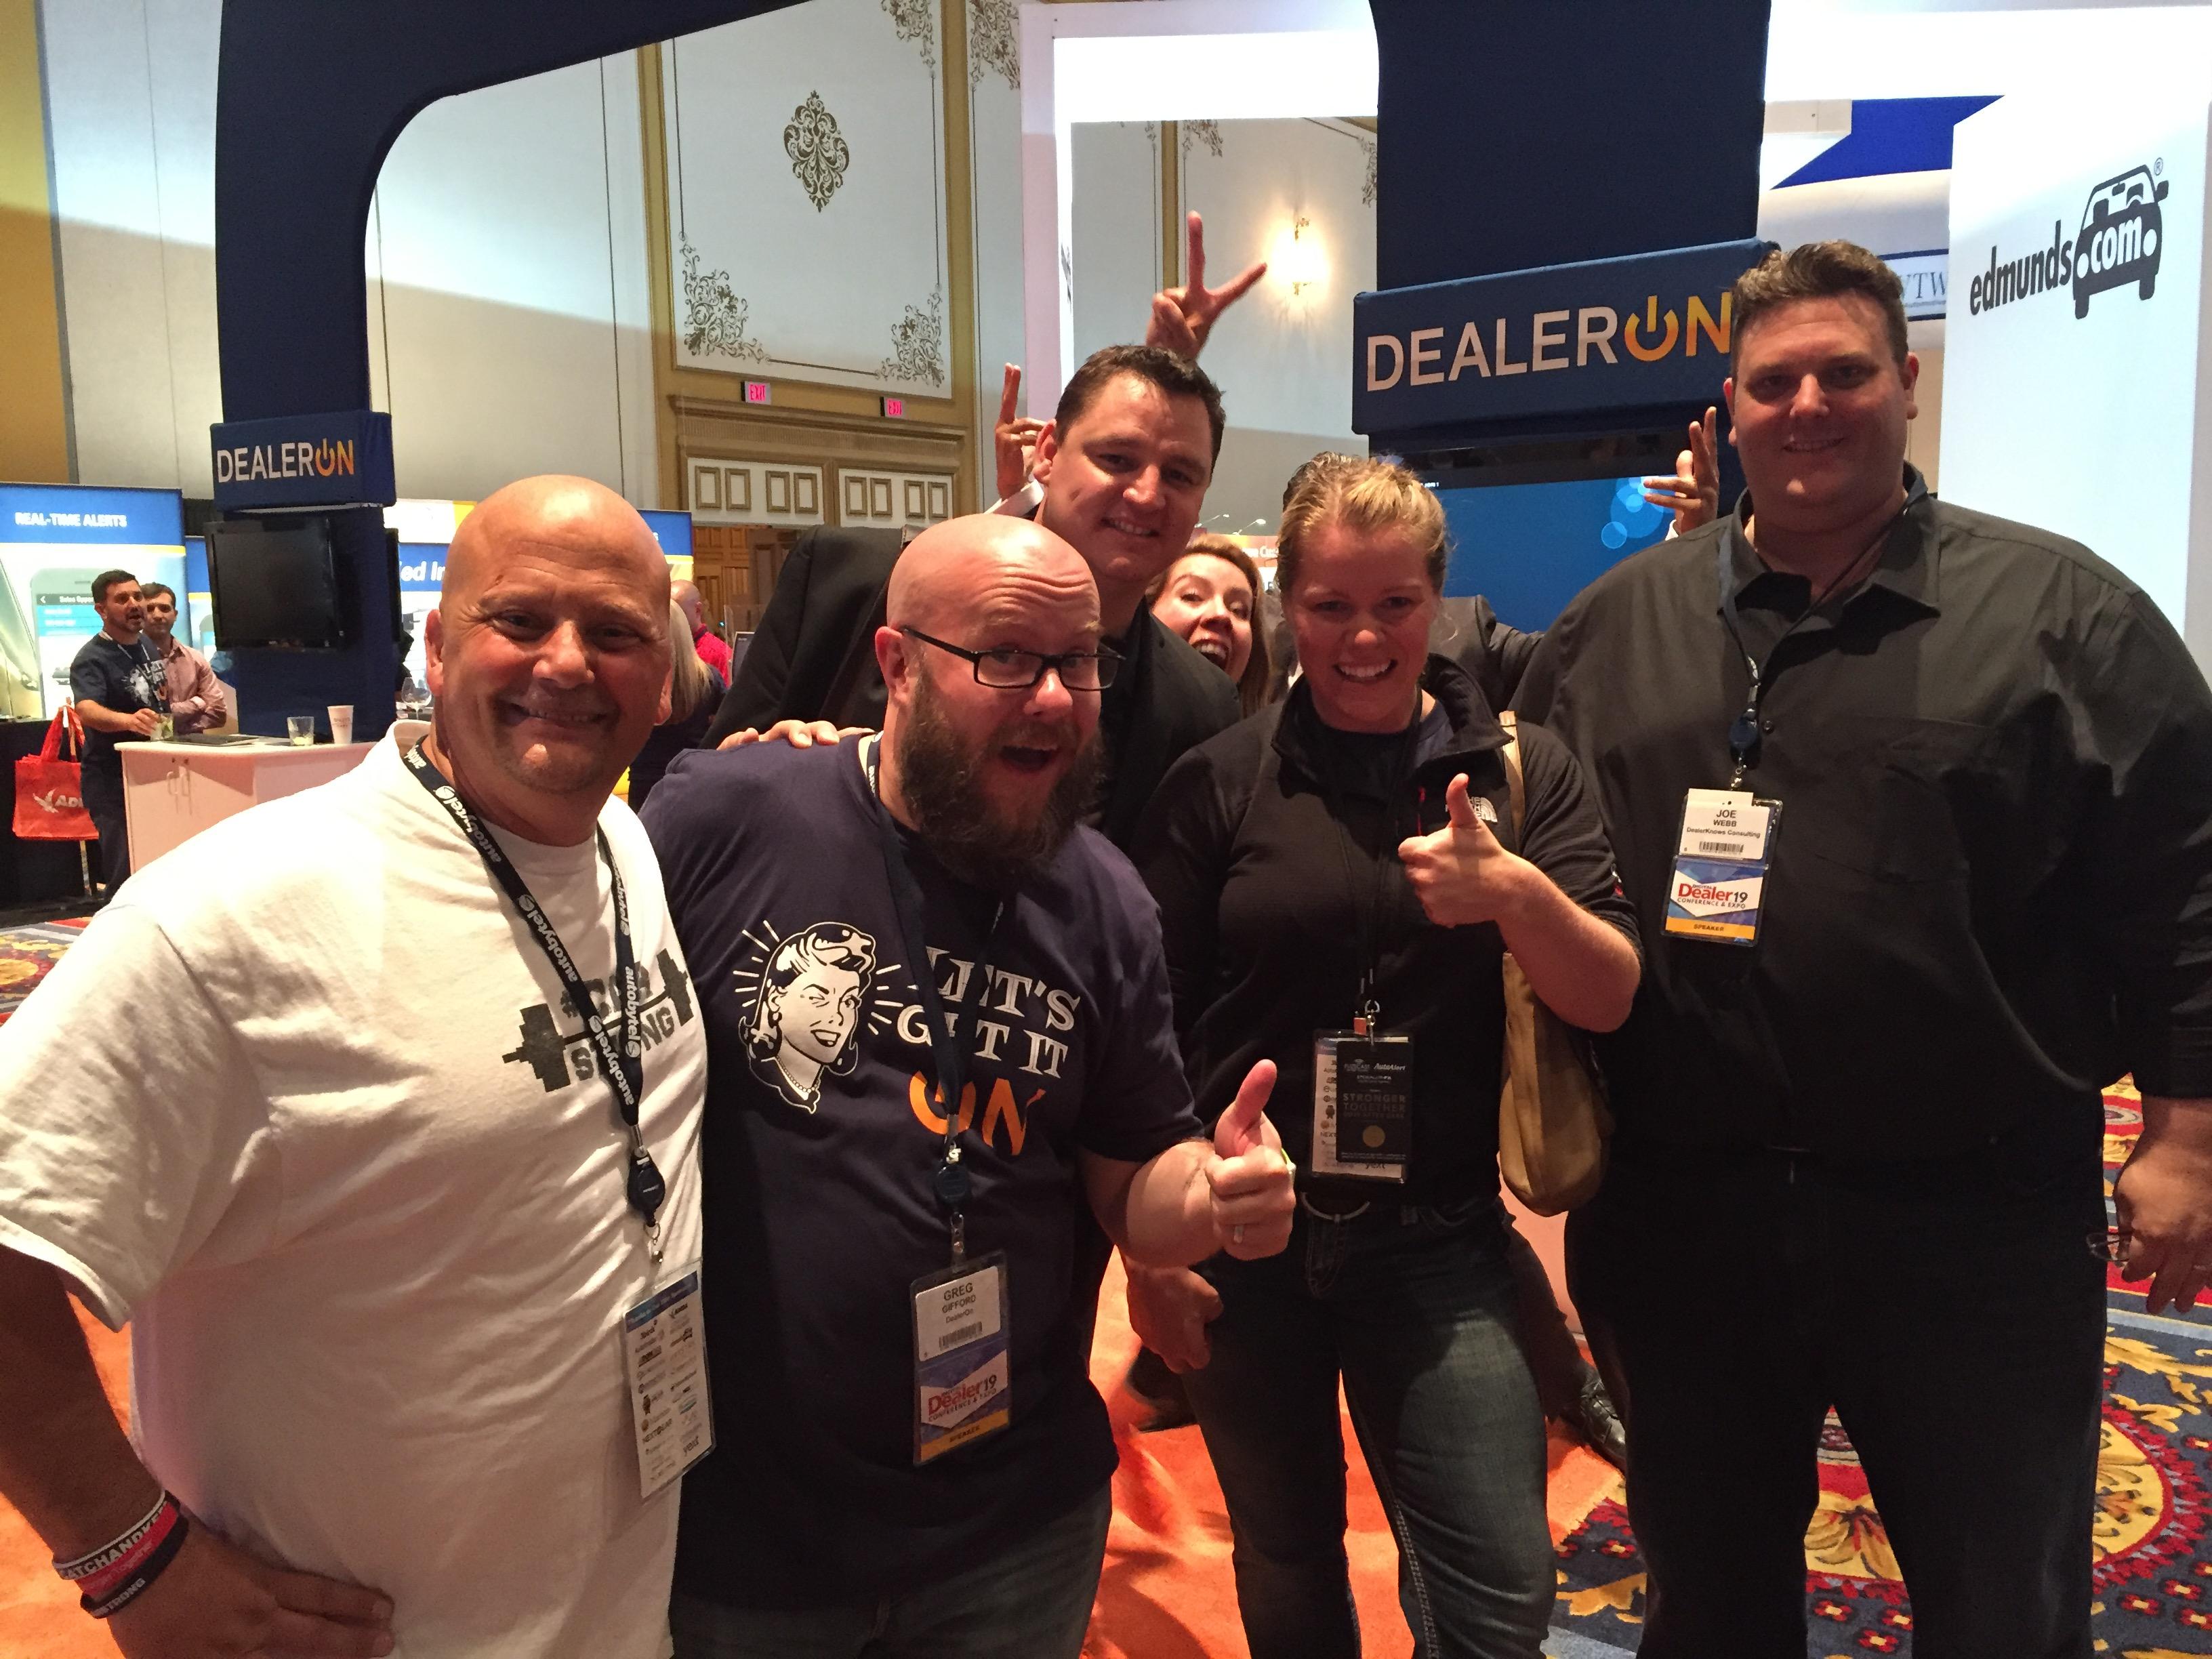 Bryan Armstrong, Greg Gifford, Jonathan Dawson, and Joe Webb